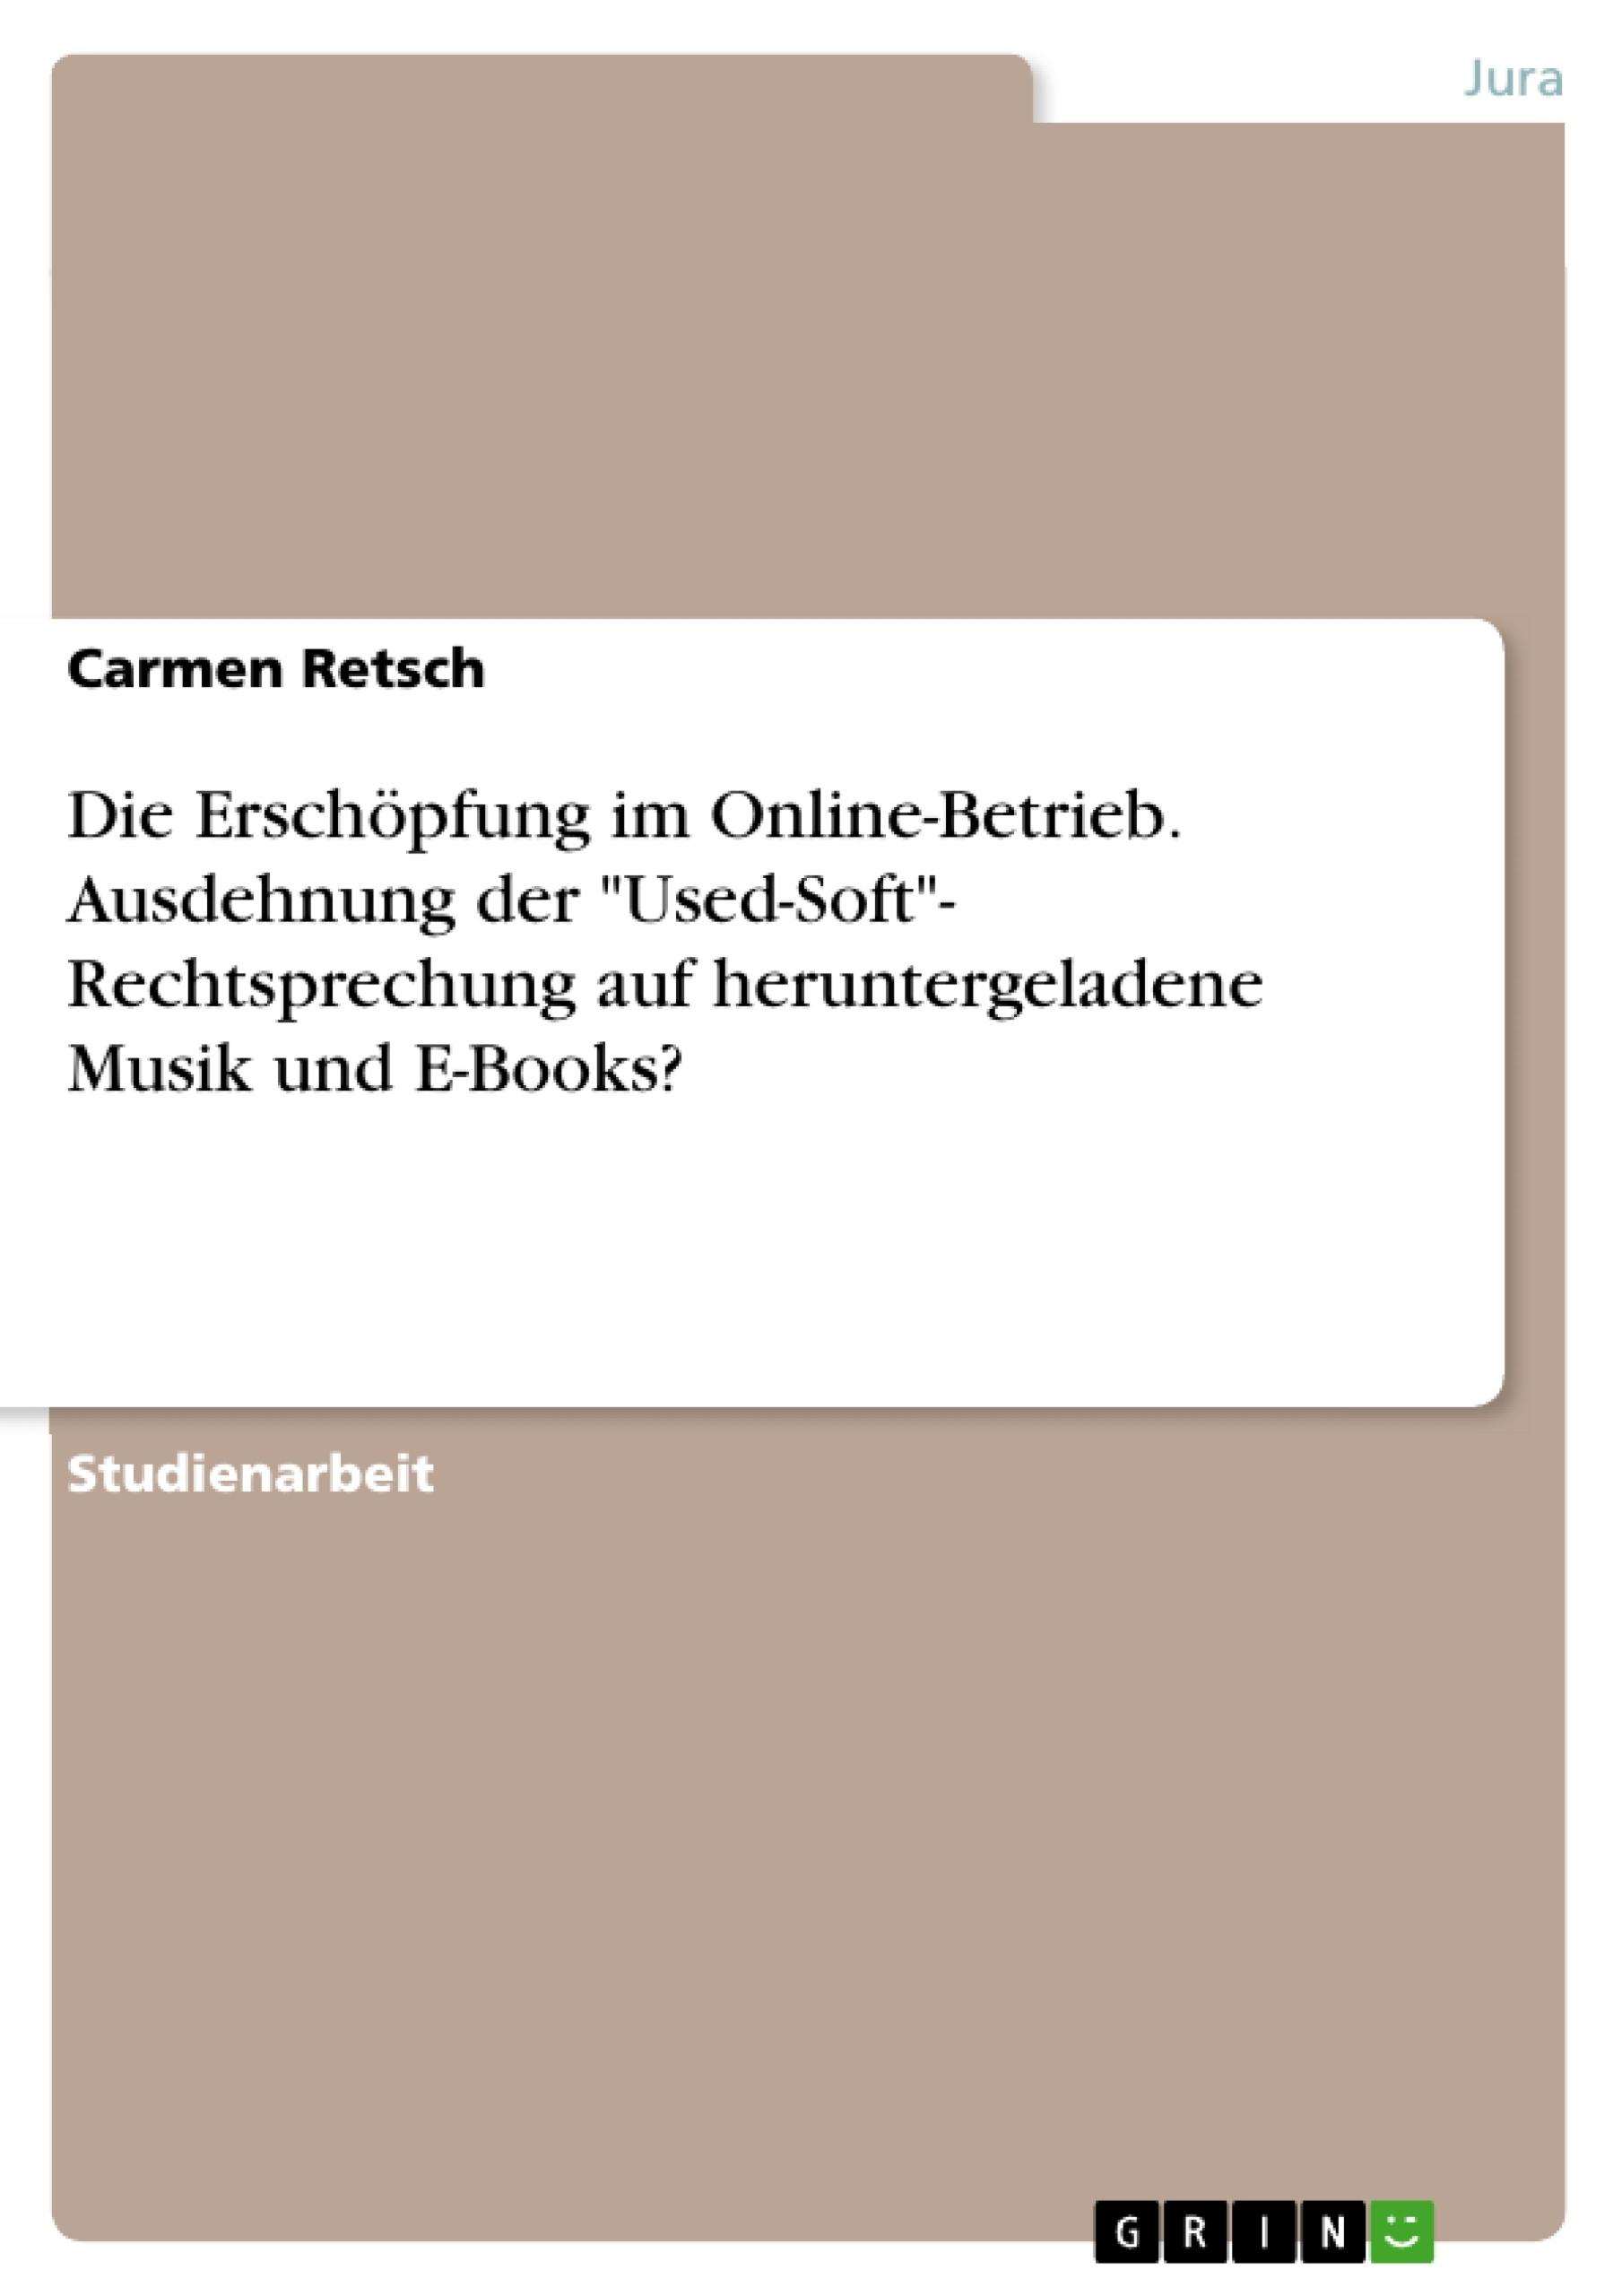 """Titel: Die Erschöpfung im Online-Betrieb. Ausdehnung der """"Used-Soft""""- Rechtsprechung auf heruntergeladene Musik und E-Books?"""